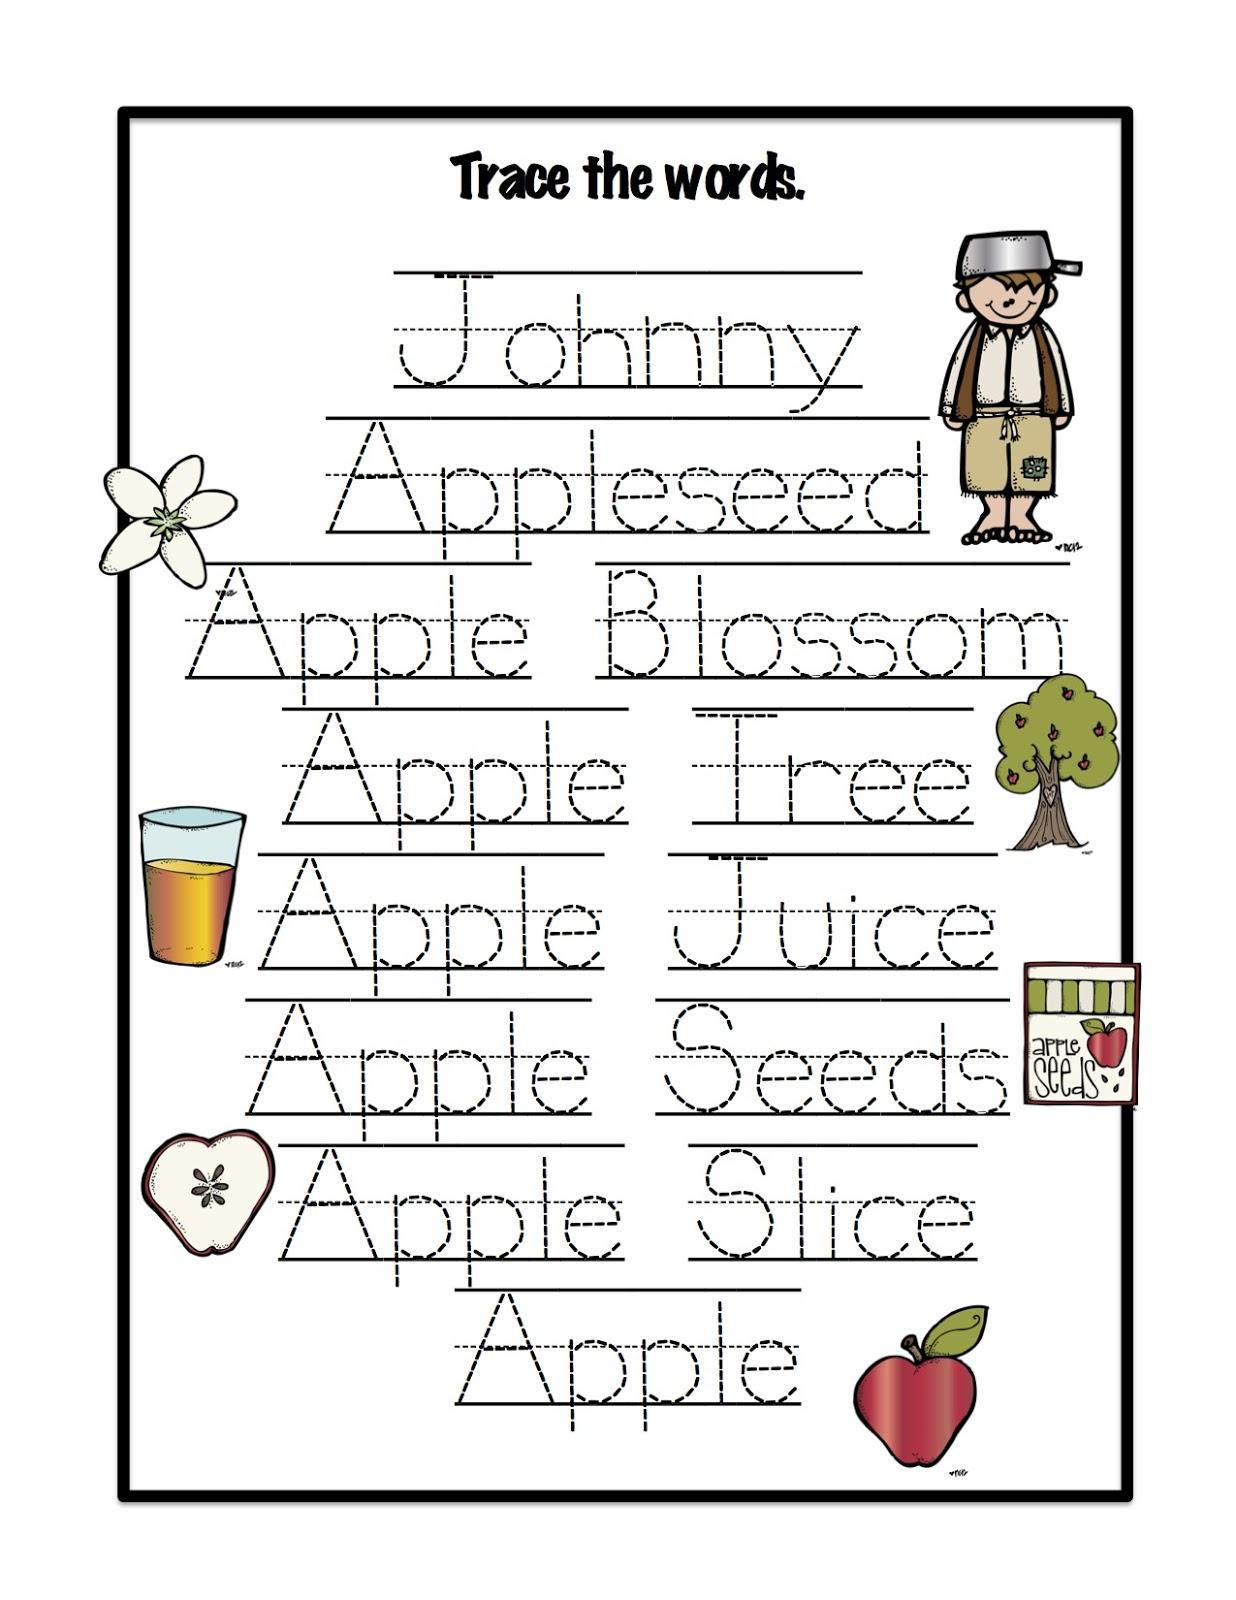 Free Worksheet Johnny Appleseed Worksheets print johnny appleseed printables related keywords suggestions printable worksheets mini book